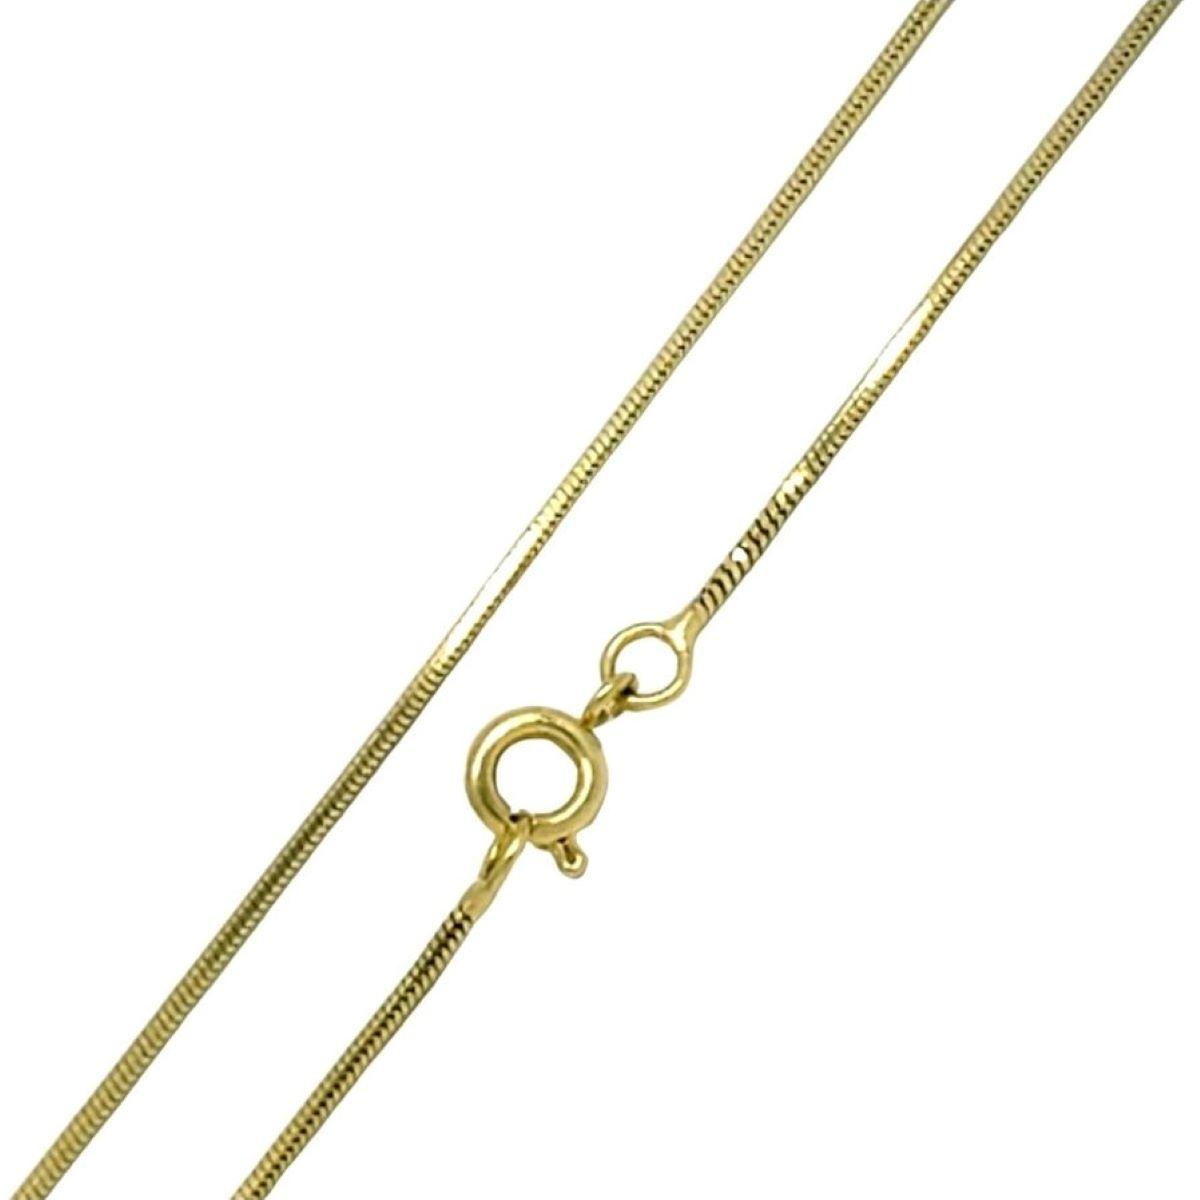 Colar Cordão Rabo De Rato 1.0 40cm Banho De Ouro 18k 3153